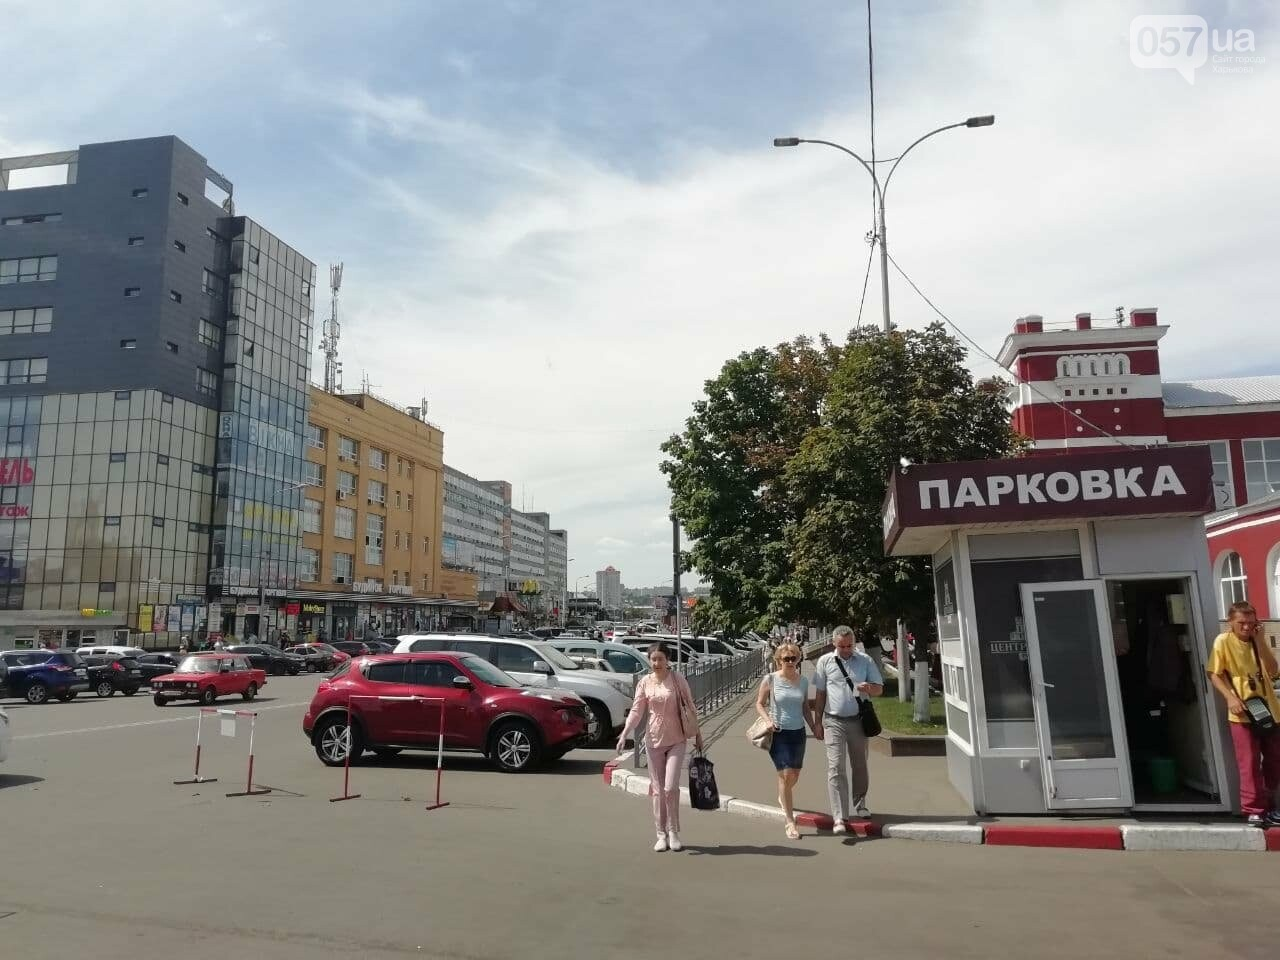 История Центрального рынка в Харькове: заброшенный остров, кулачные бои и виселицы на площади, - ФОТО, фото-7